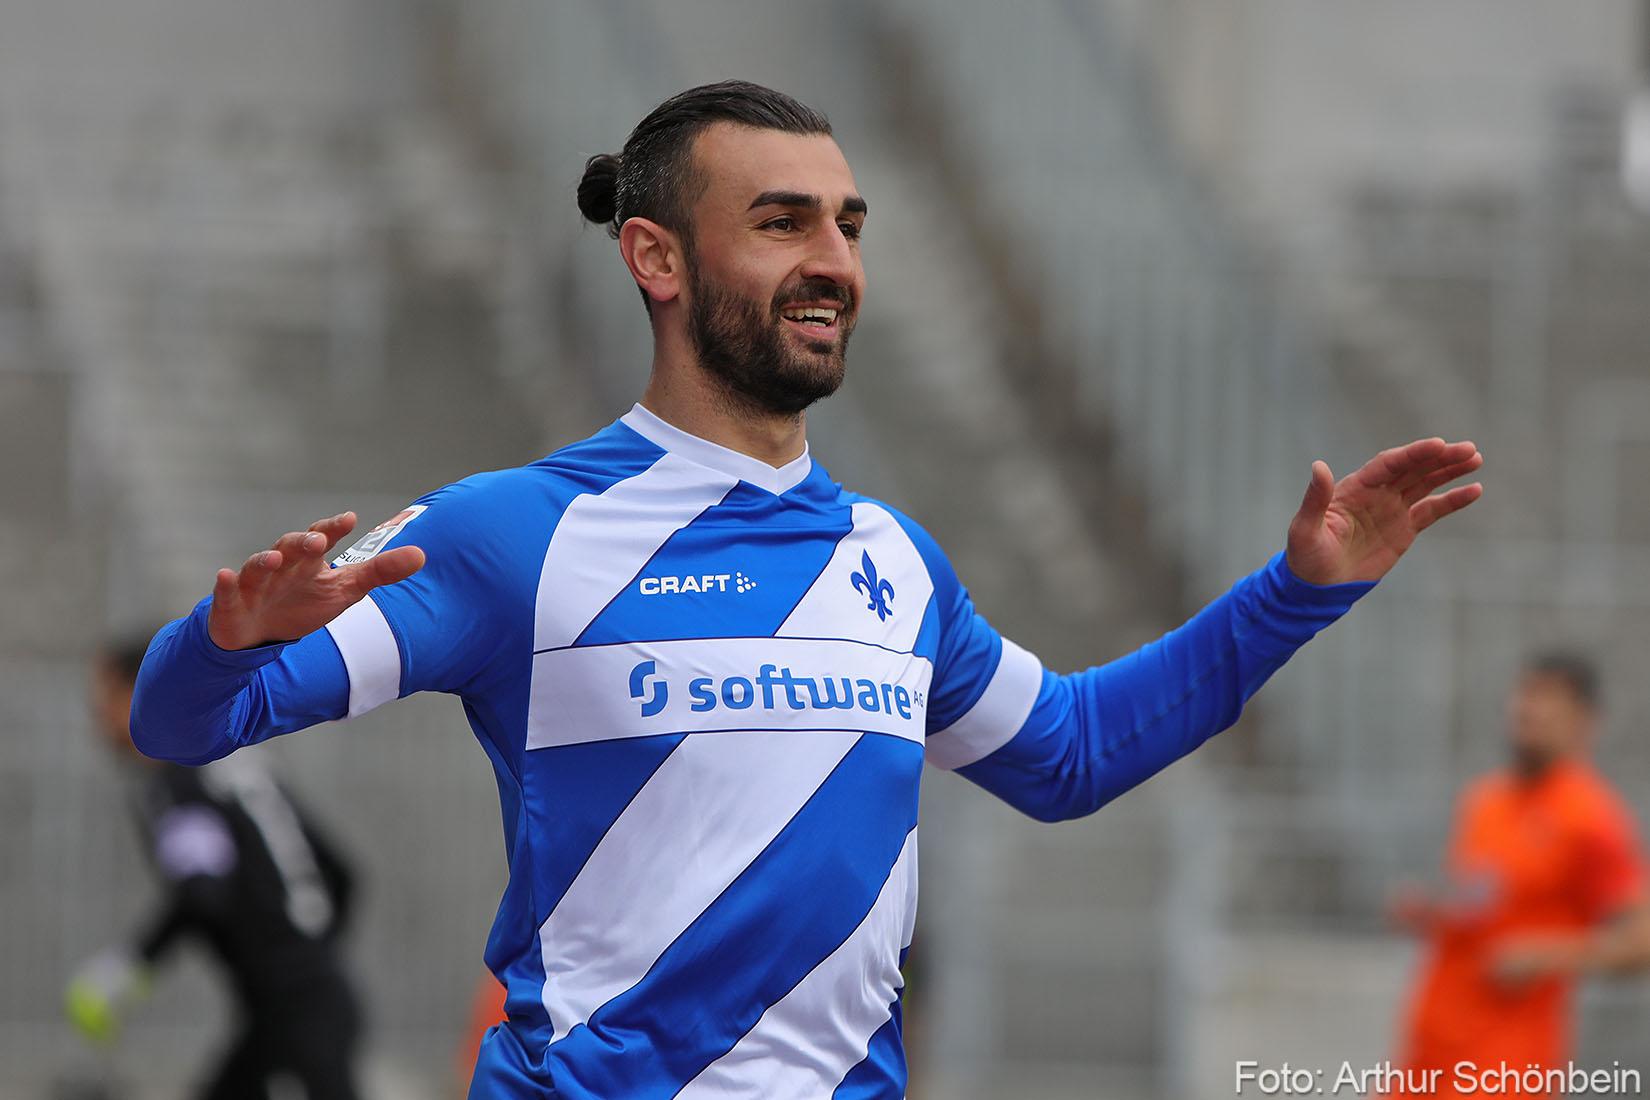 Lilien-Spieler der Saison: Serdar Dursun sagt Danke!